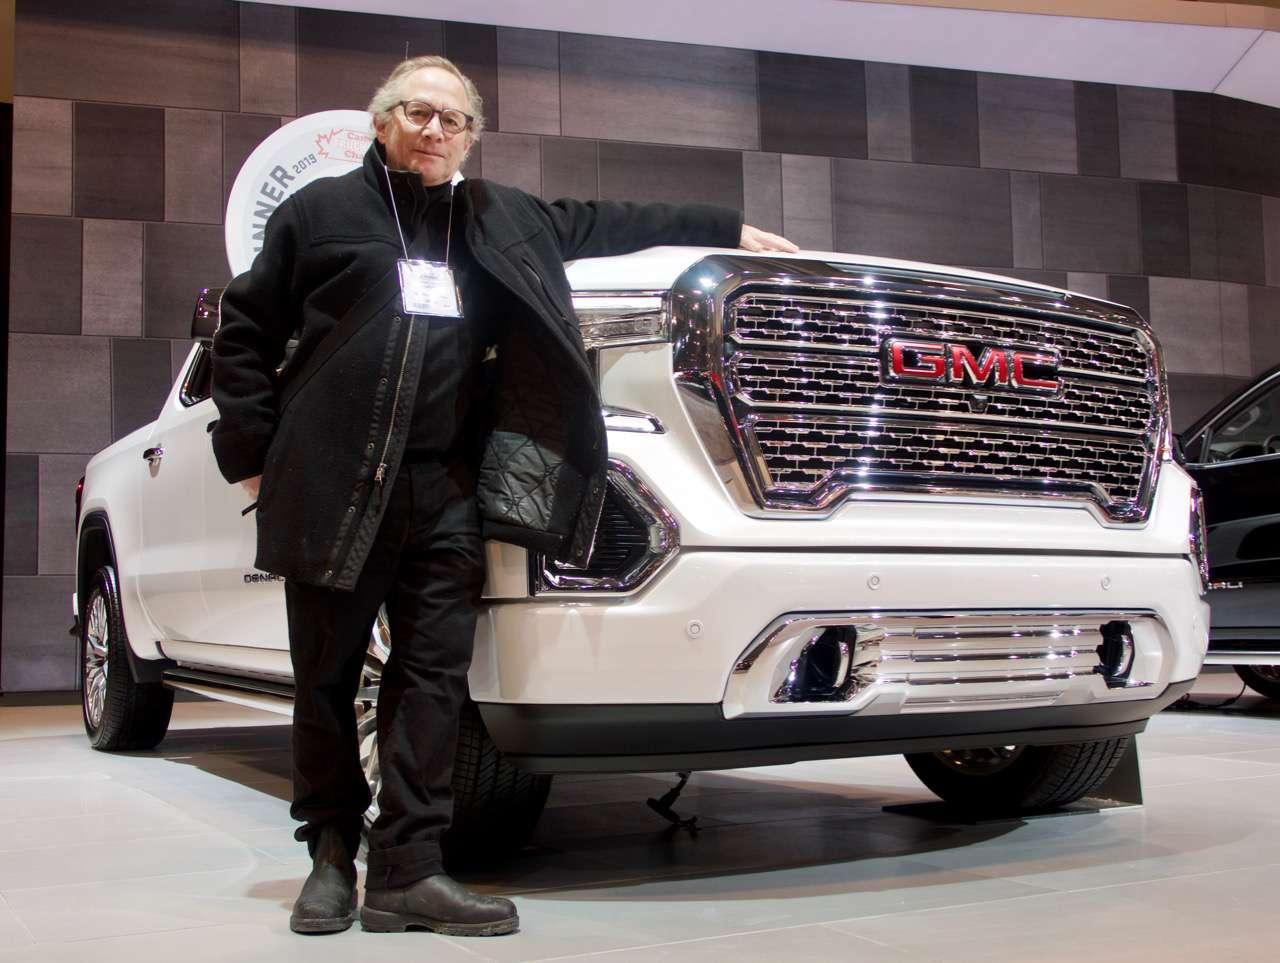 Lloyd with truck